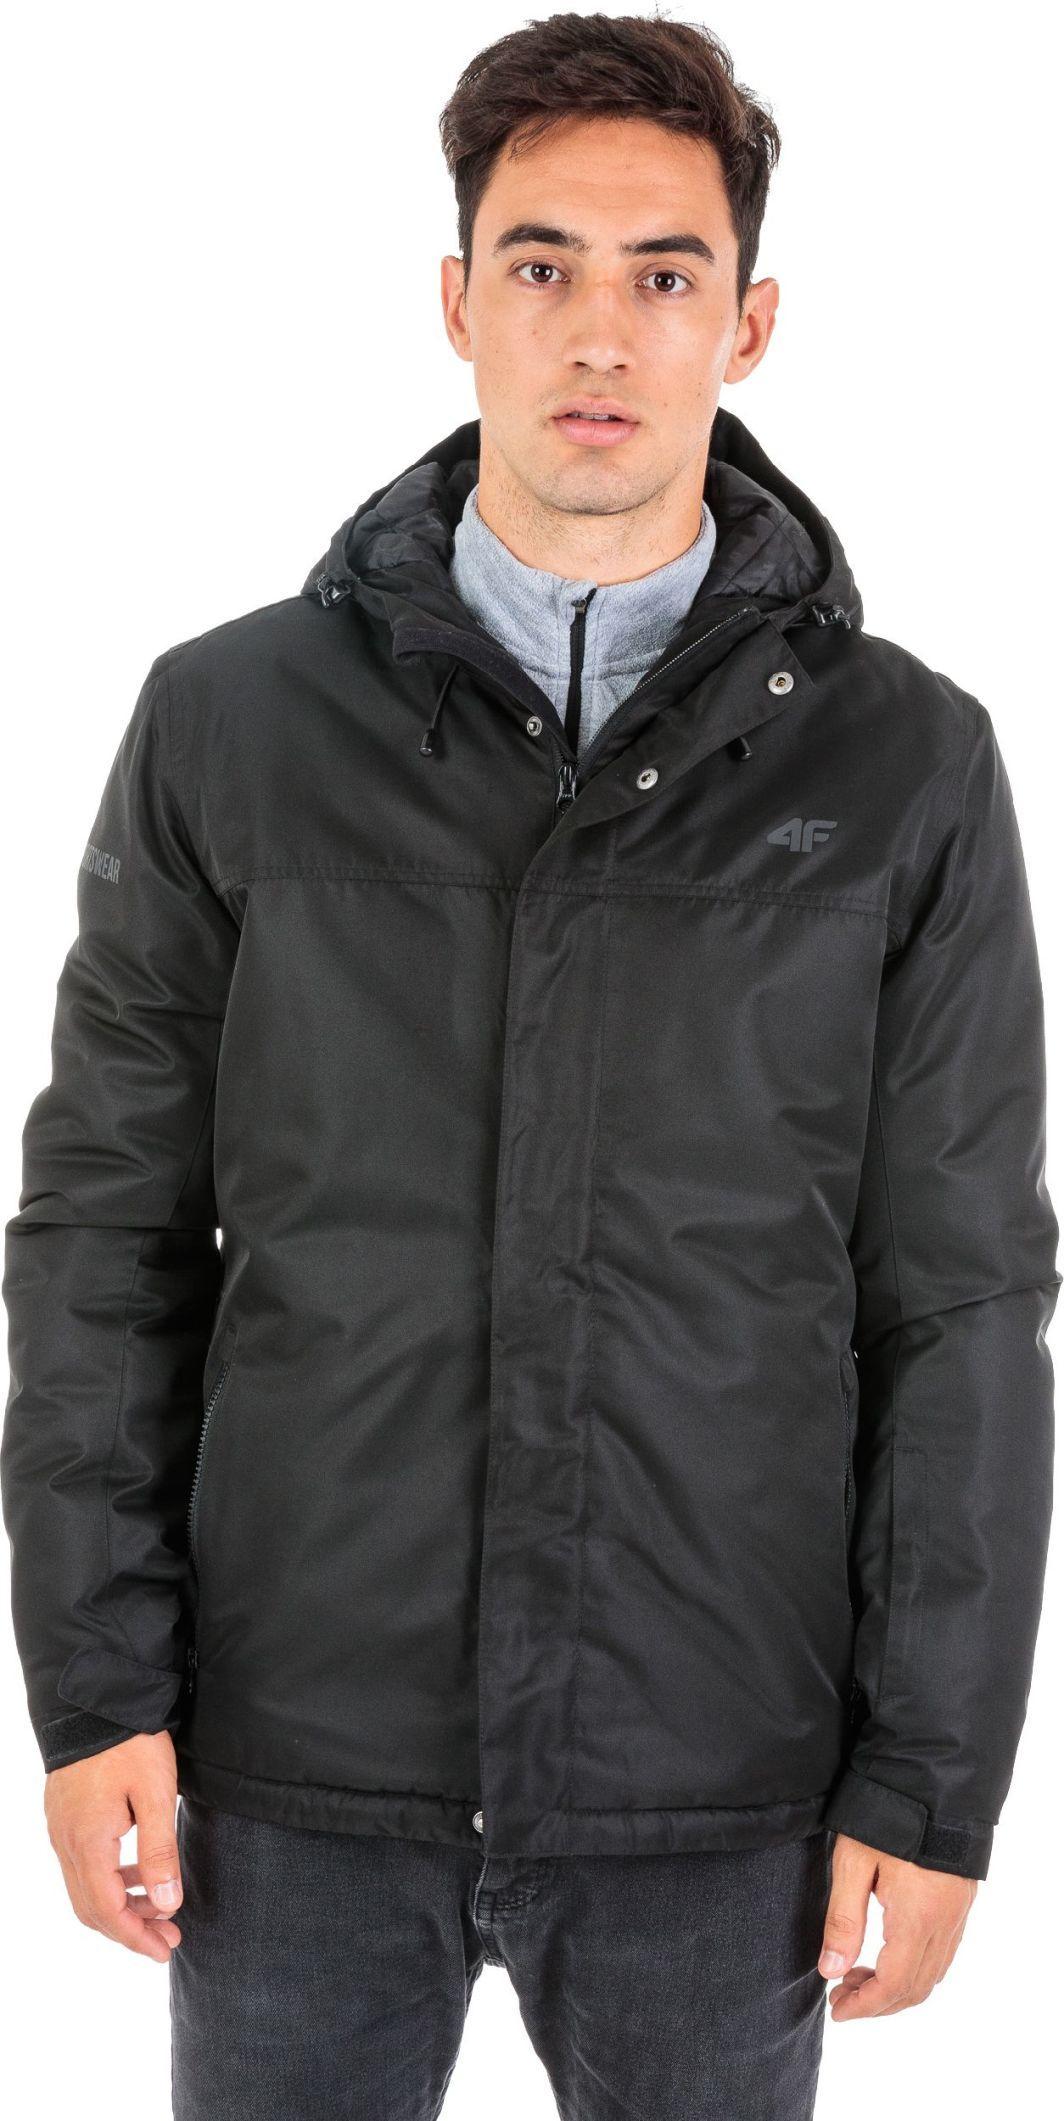 Kurtka męska zimowa narciarska 4F H4Z18-KUMN001, czarna, różne rozmiary (też szara KUMN002 za 129,99zł L i M)